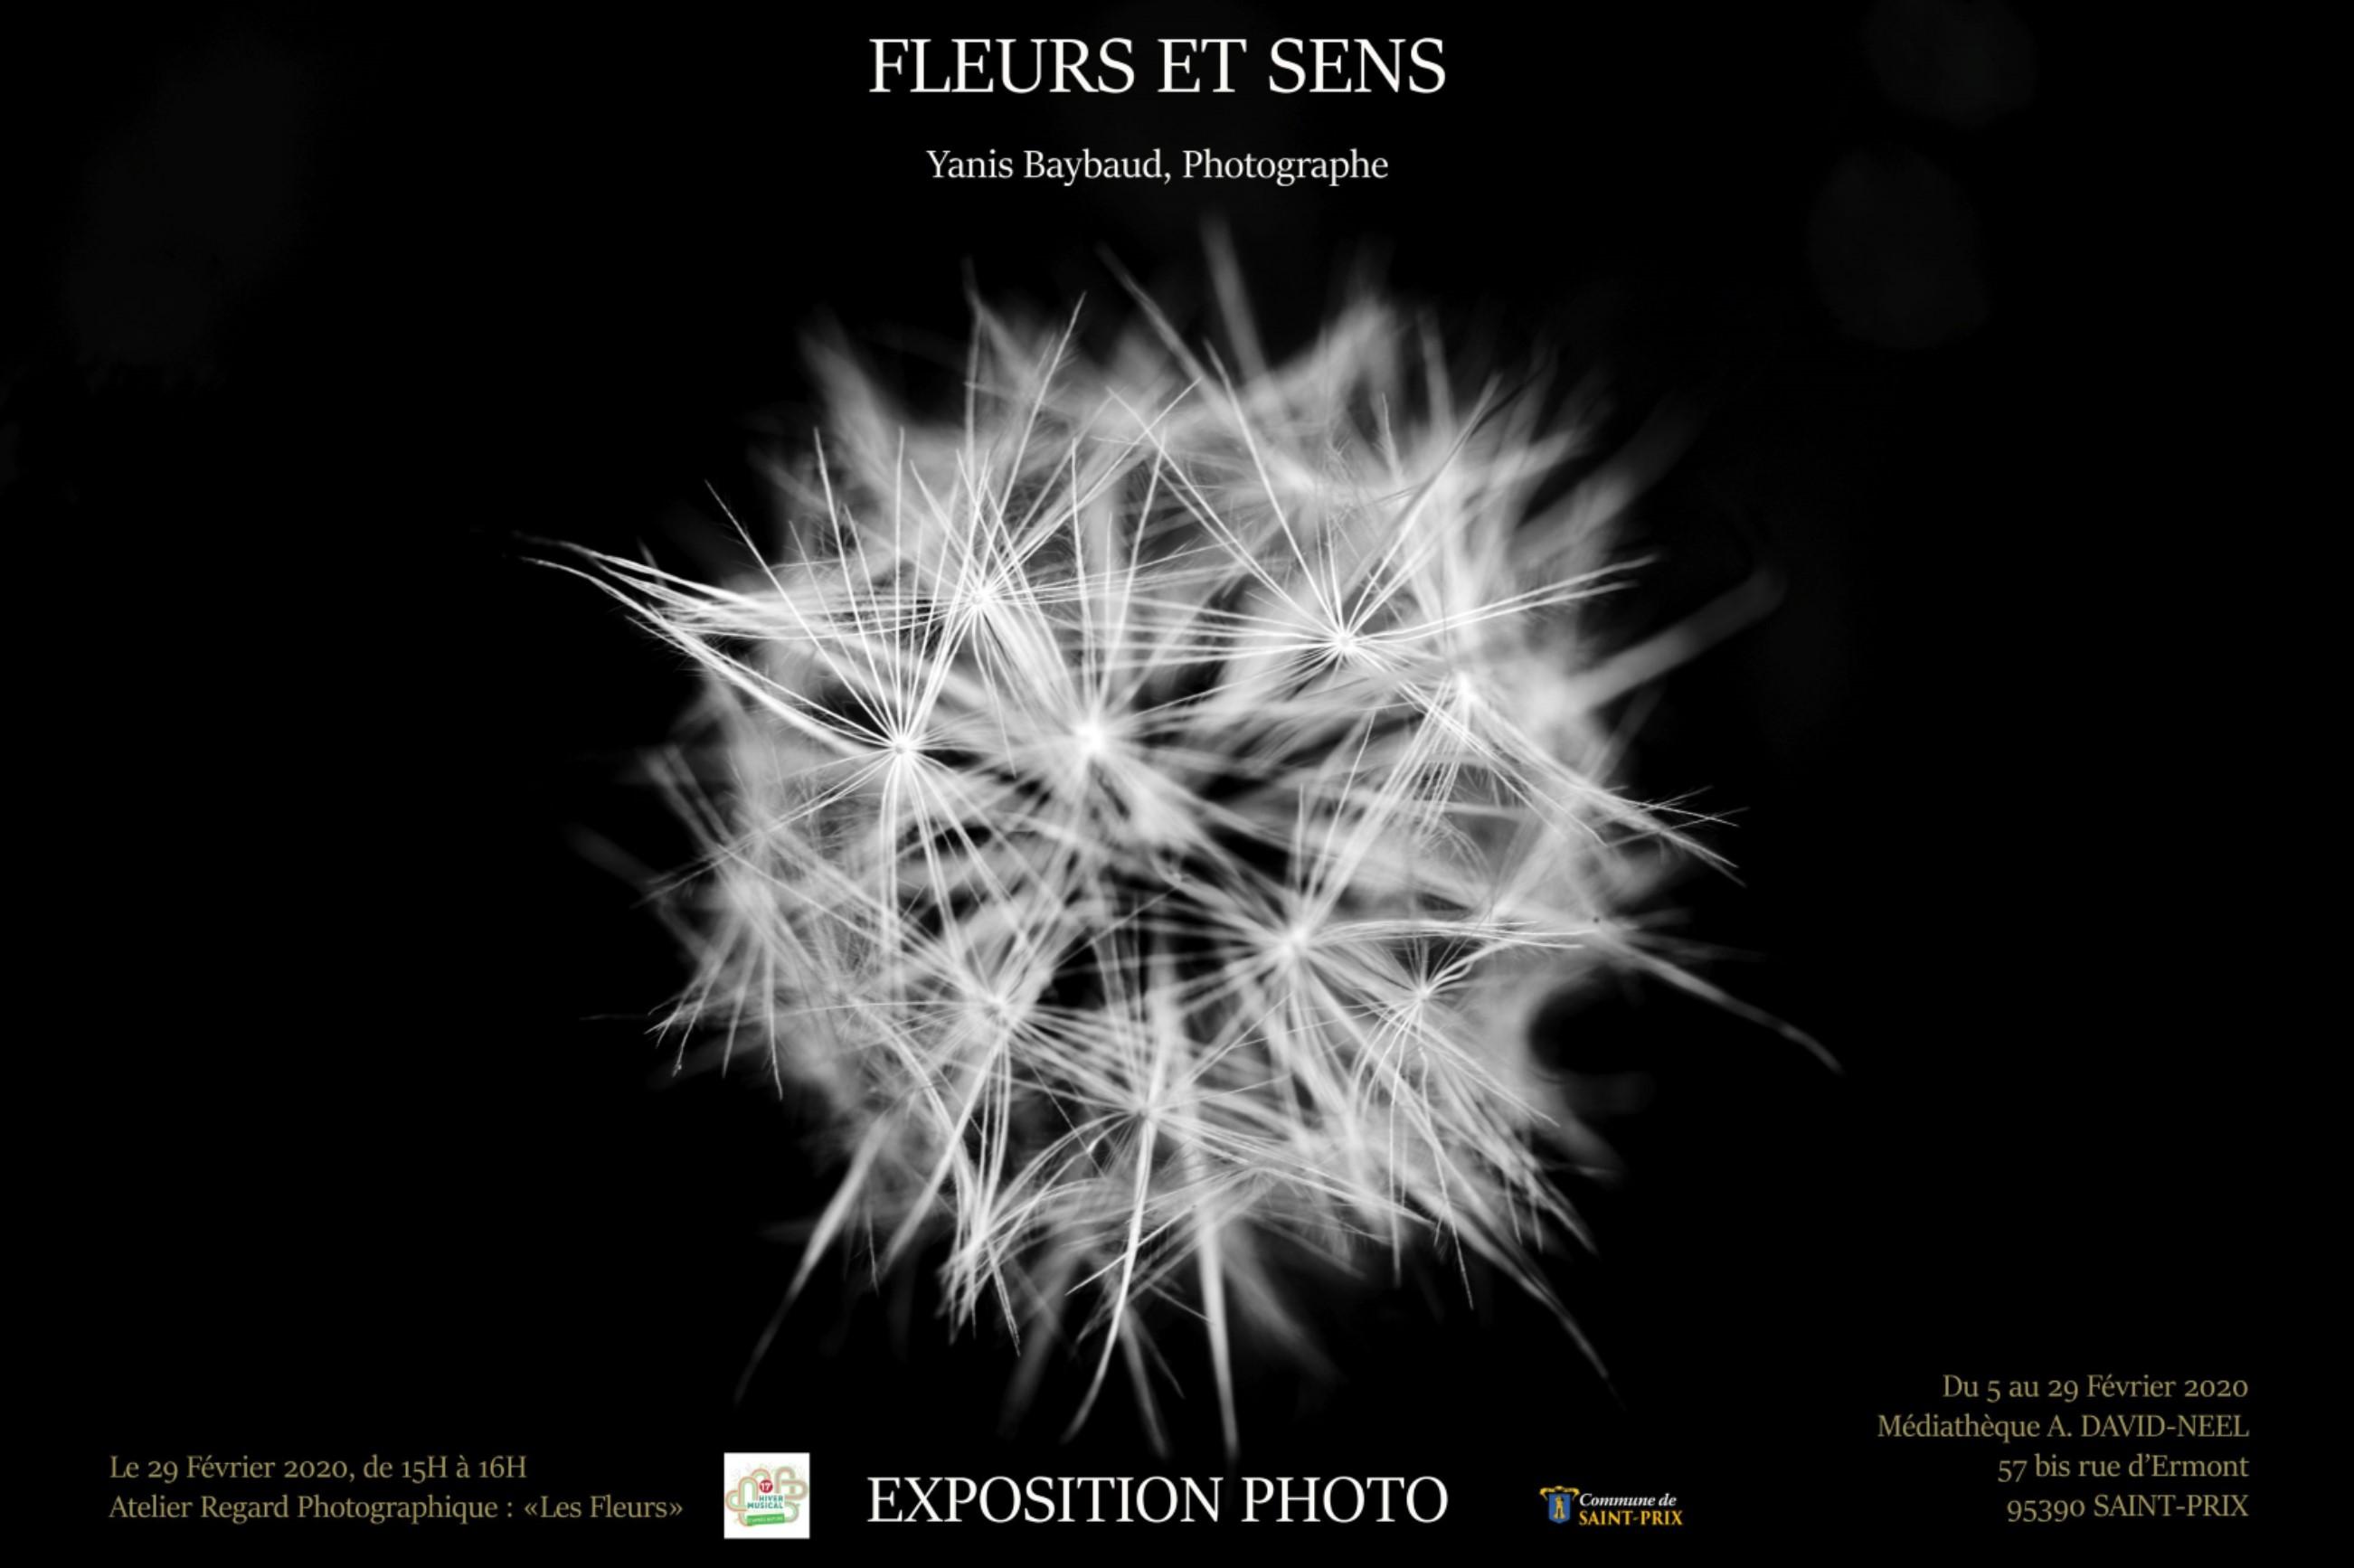 Exposition de Yanis Baybaud